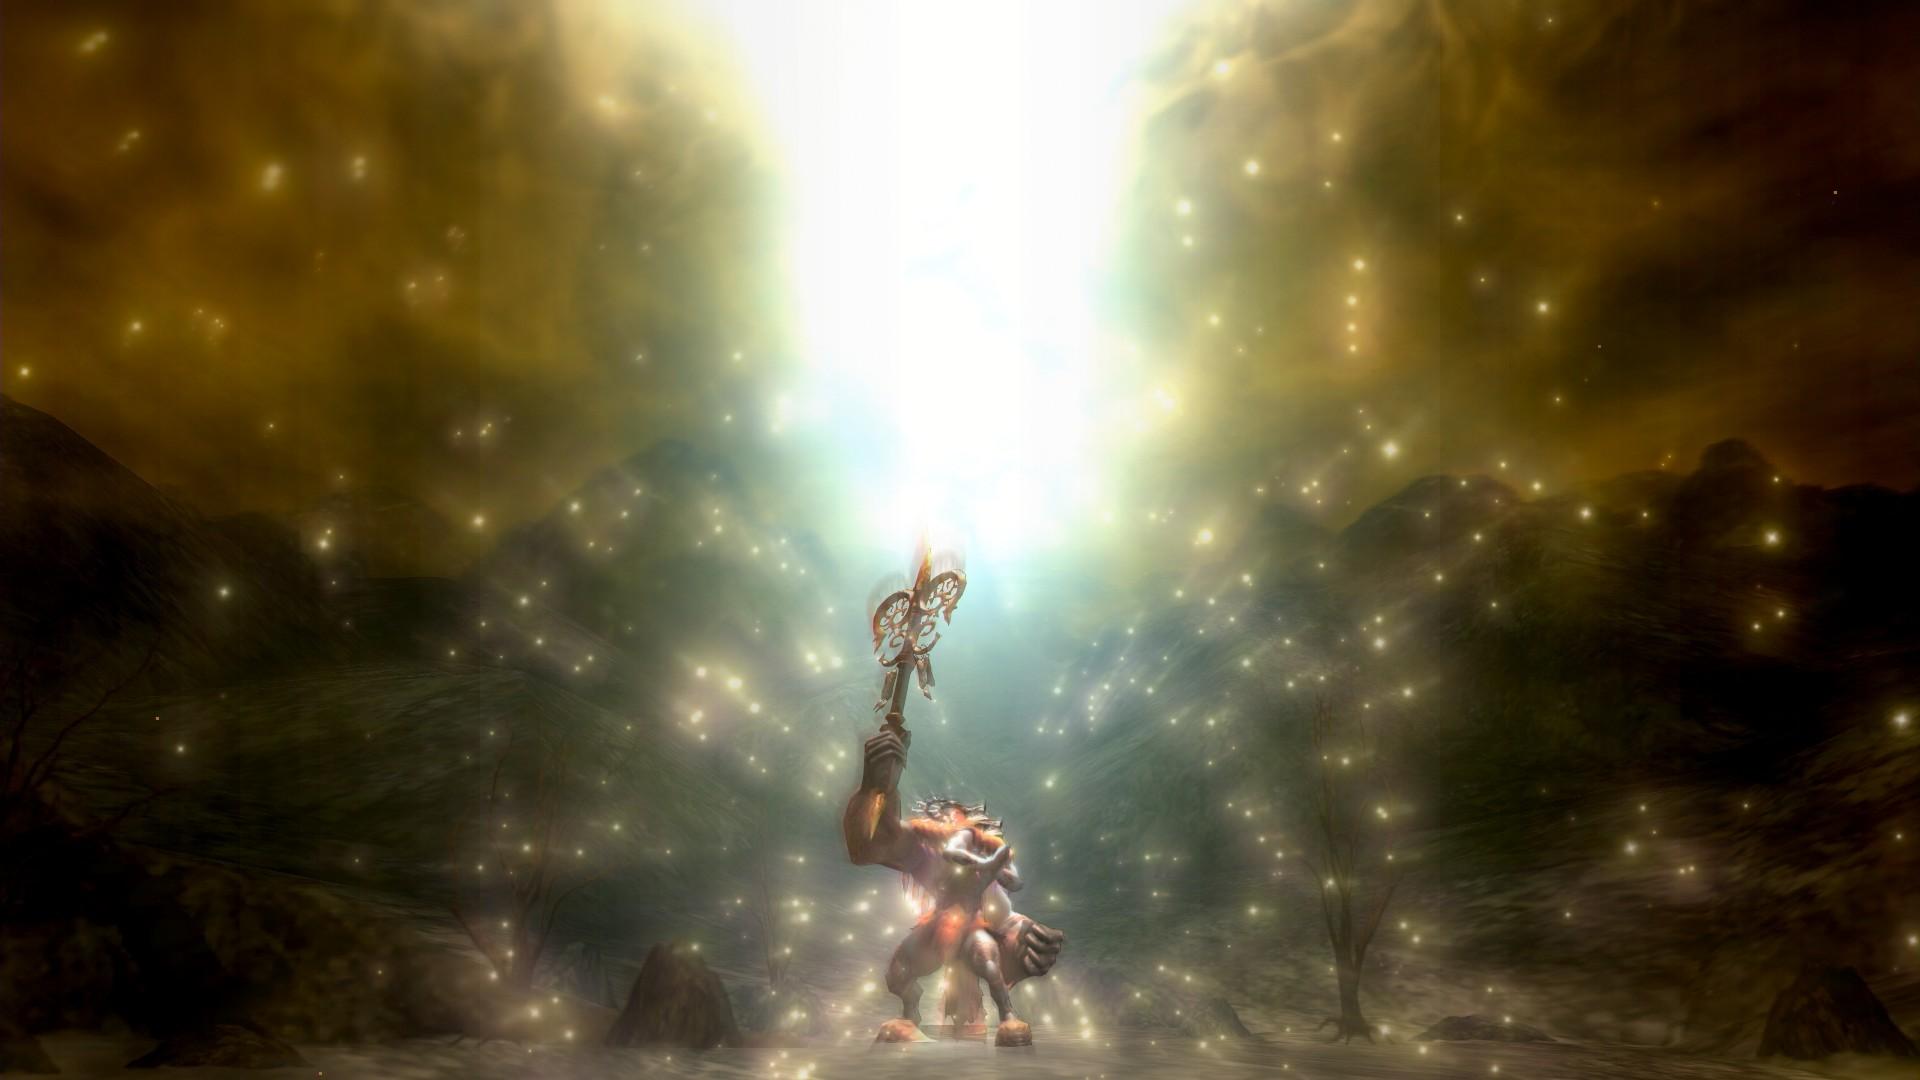 Lov, klany a nepřátelé z Final Fantasy XII: The Zodiac Age na screenshotech 146285